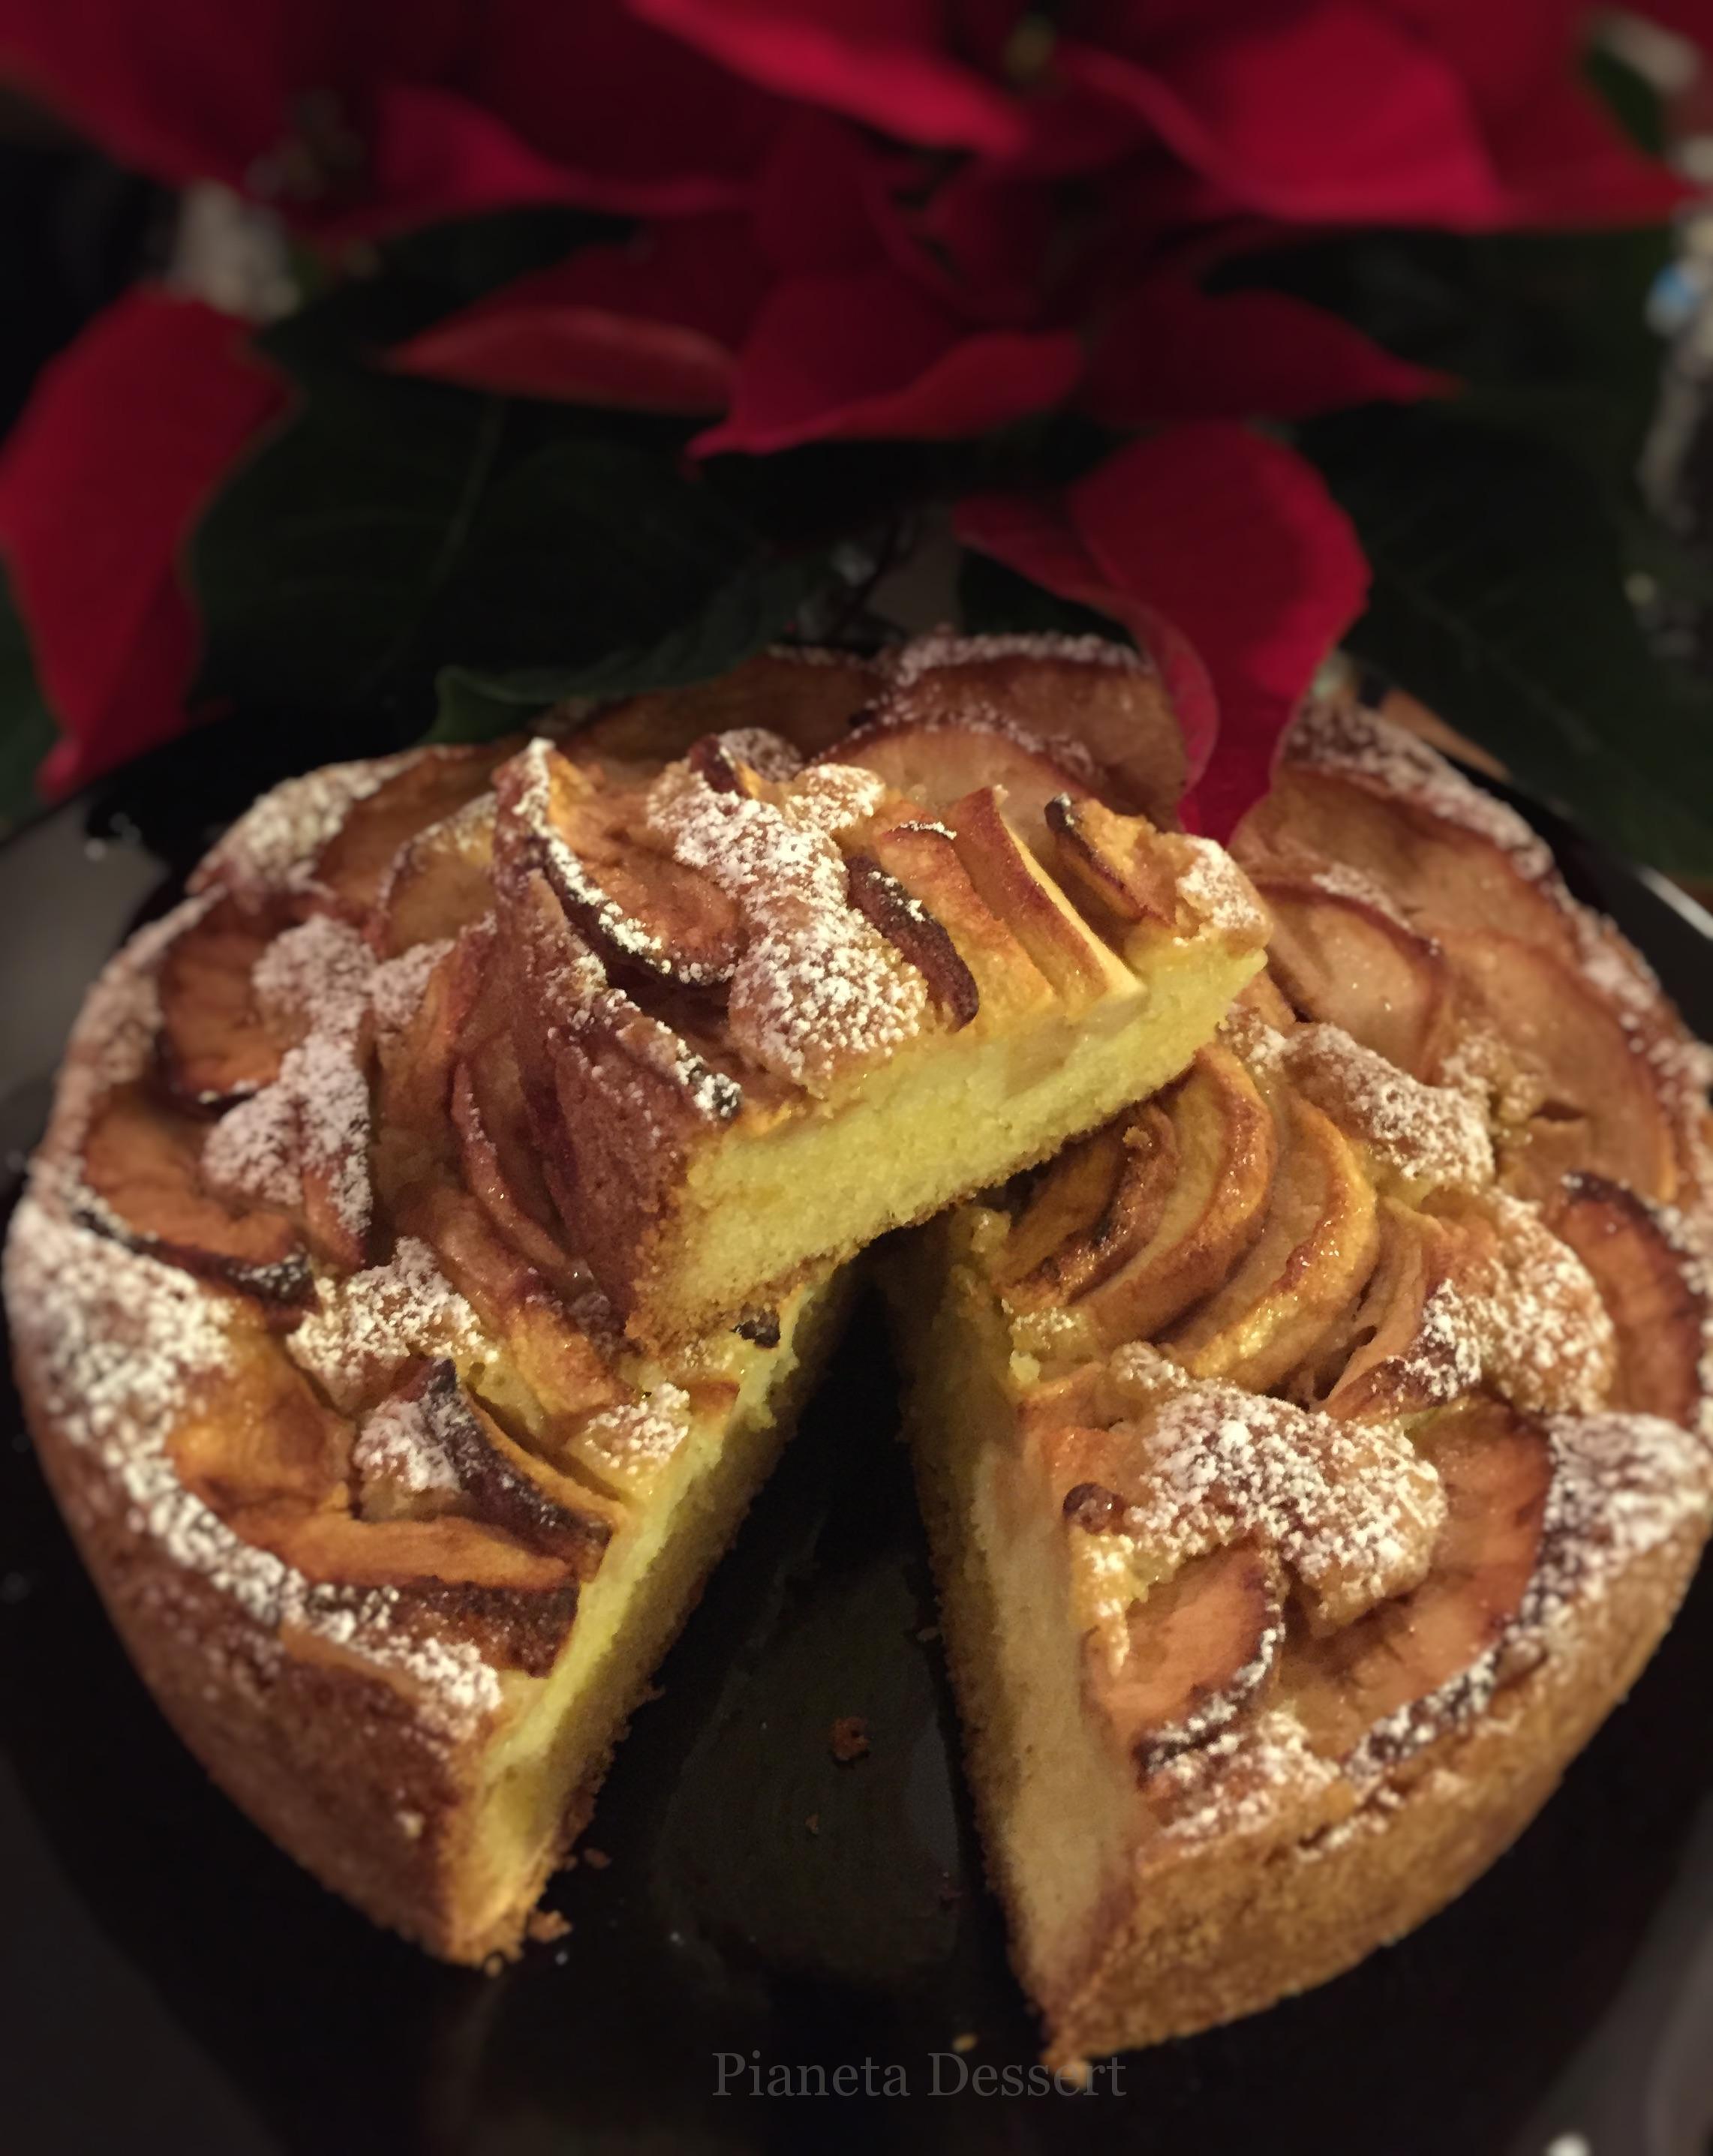 Indicatori di cottura nei dolci da forno pianeta dessert - Forno ventilato per torte ...